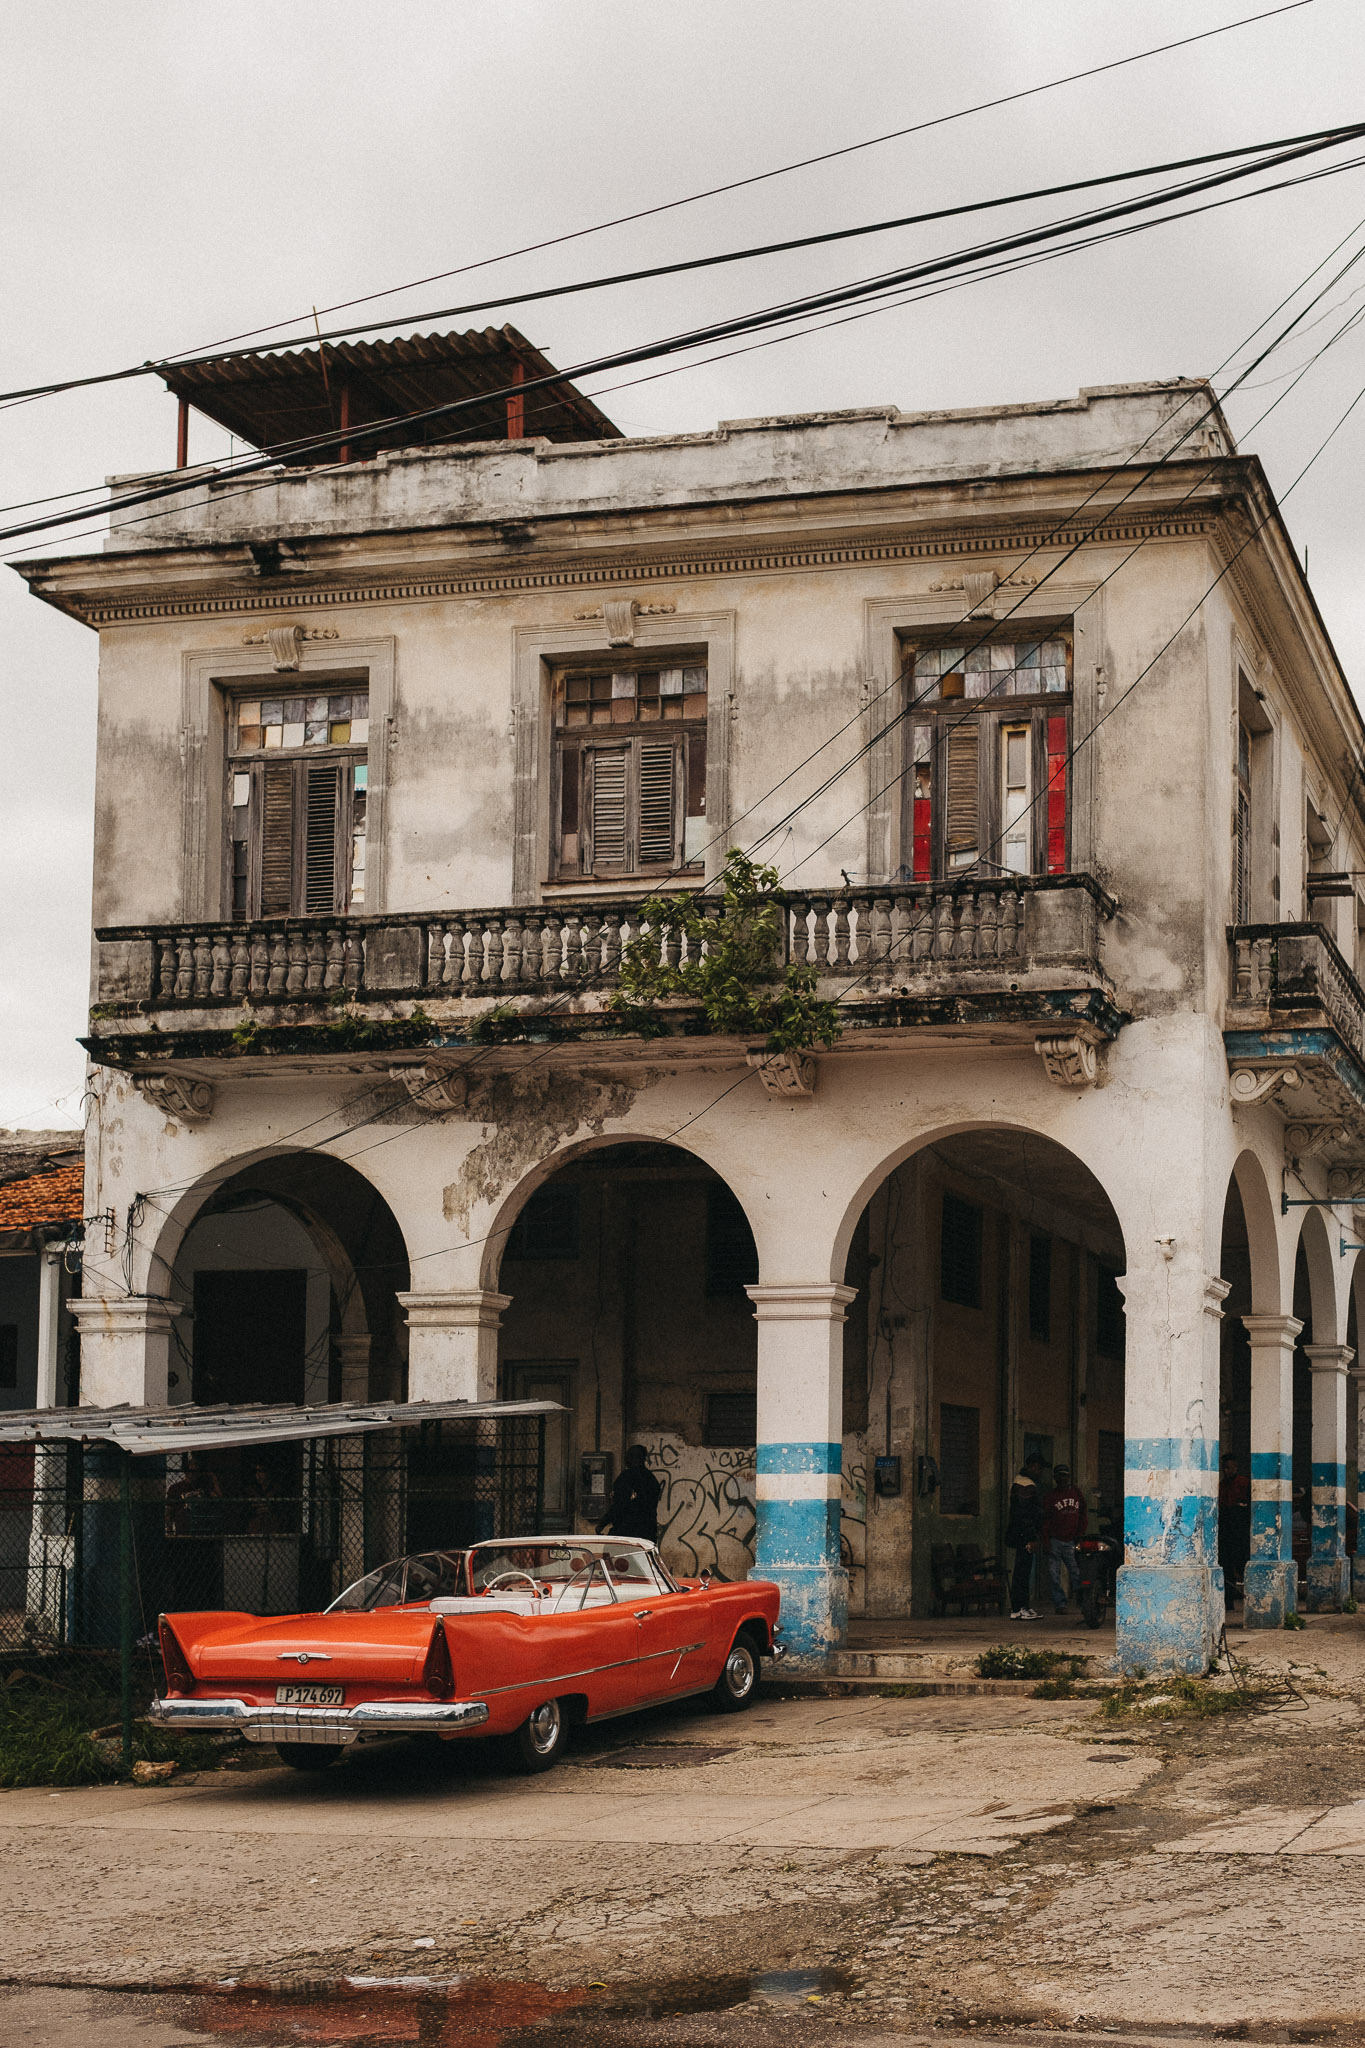 Cuba-2017-12-Havana-0200.jpg